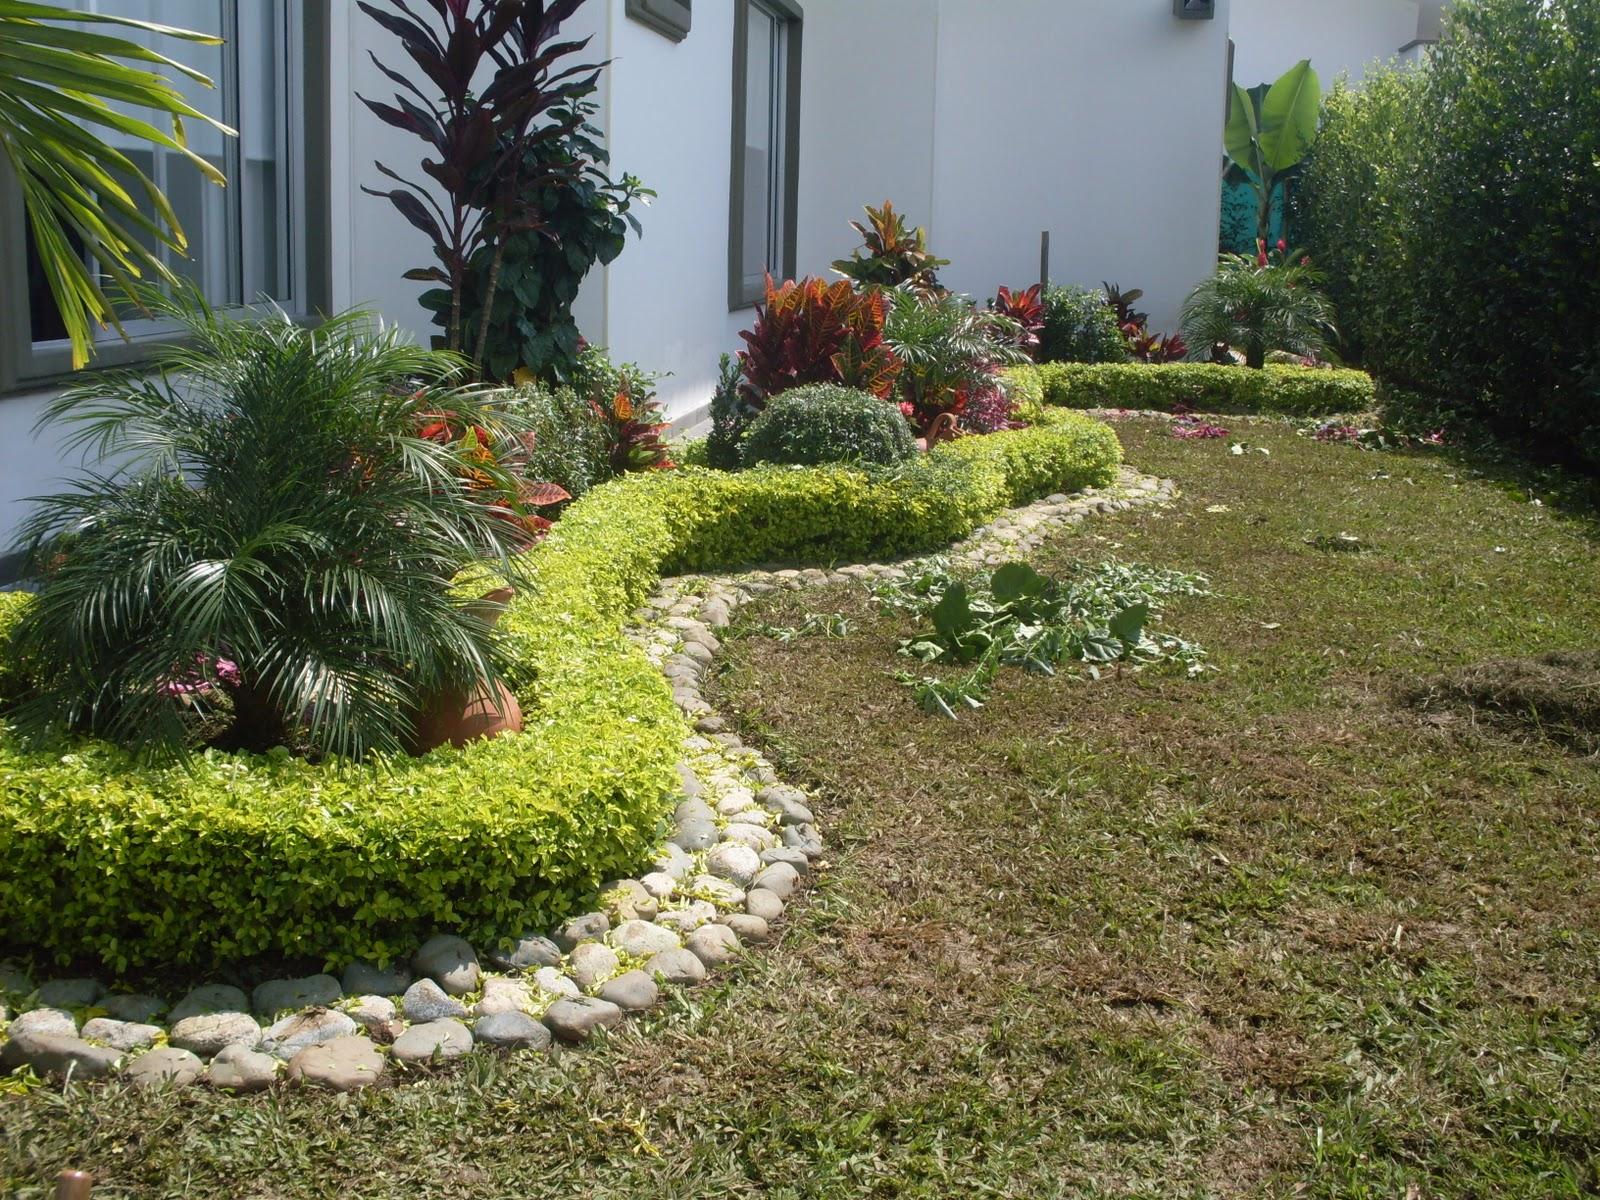 Lotos paisajismo medio ambiente 09 21 11 for Jardines residenciales